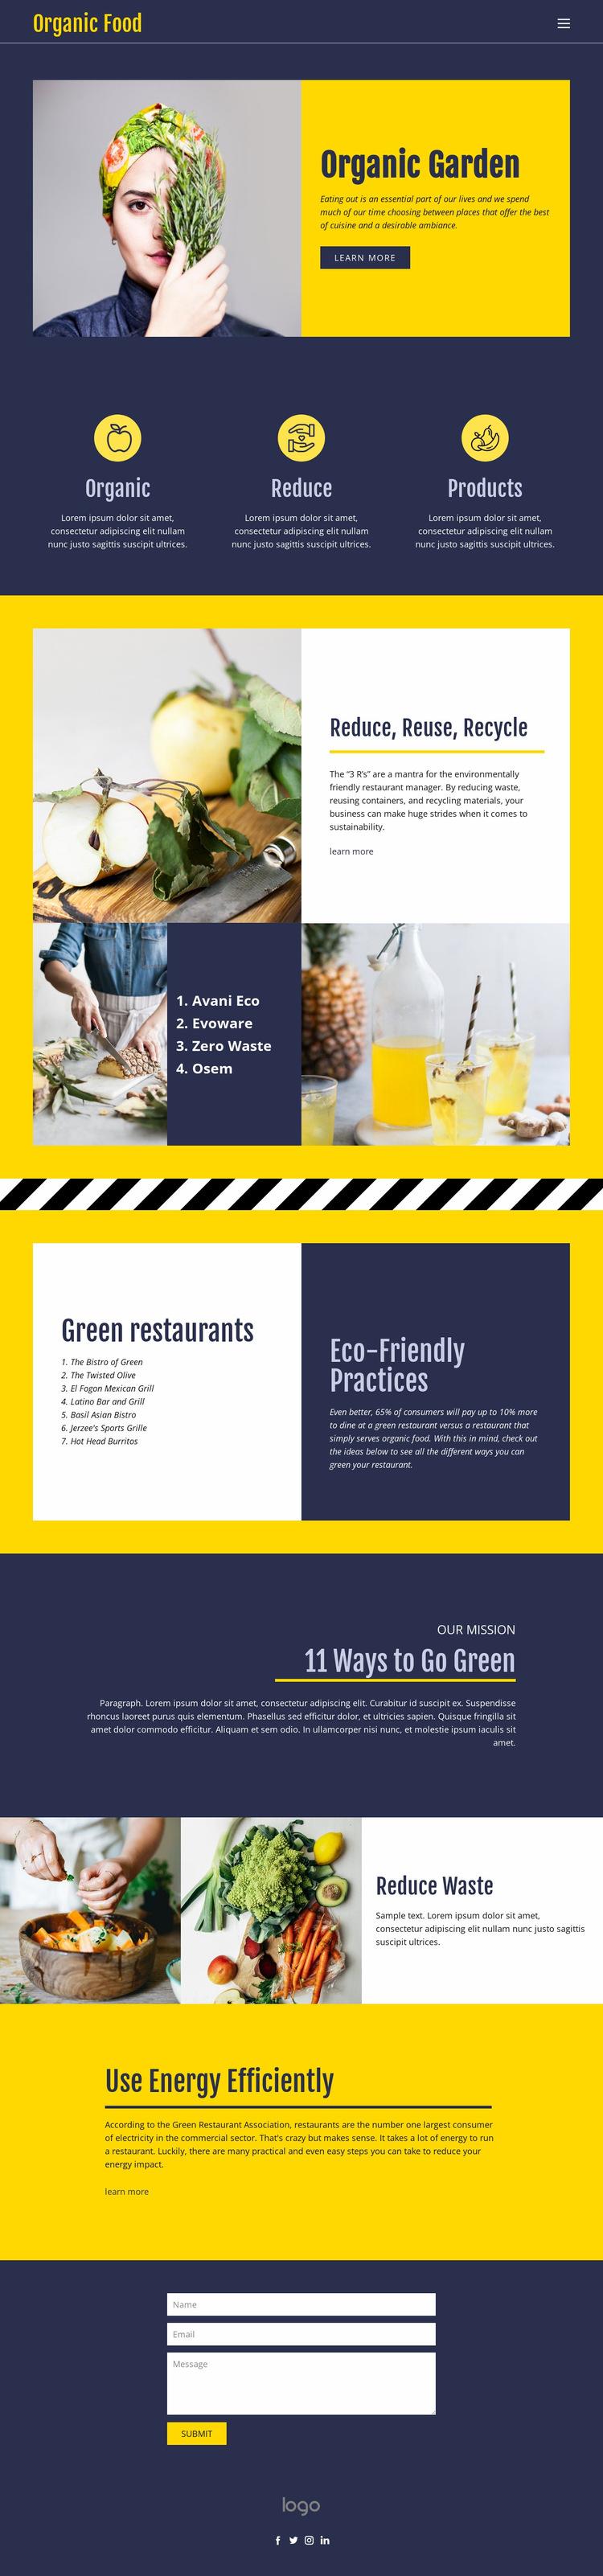 Eating essentials for food Website Builder